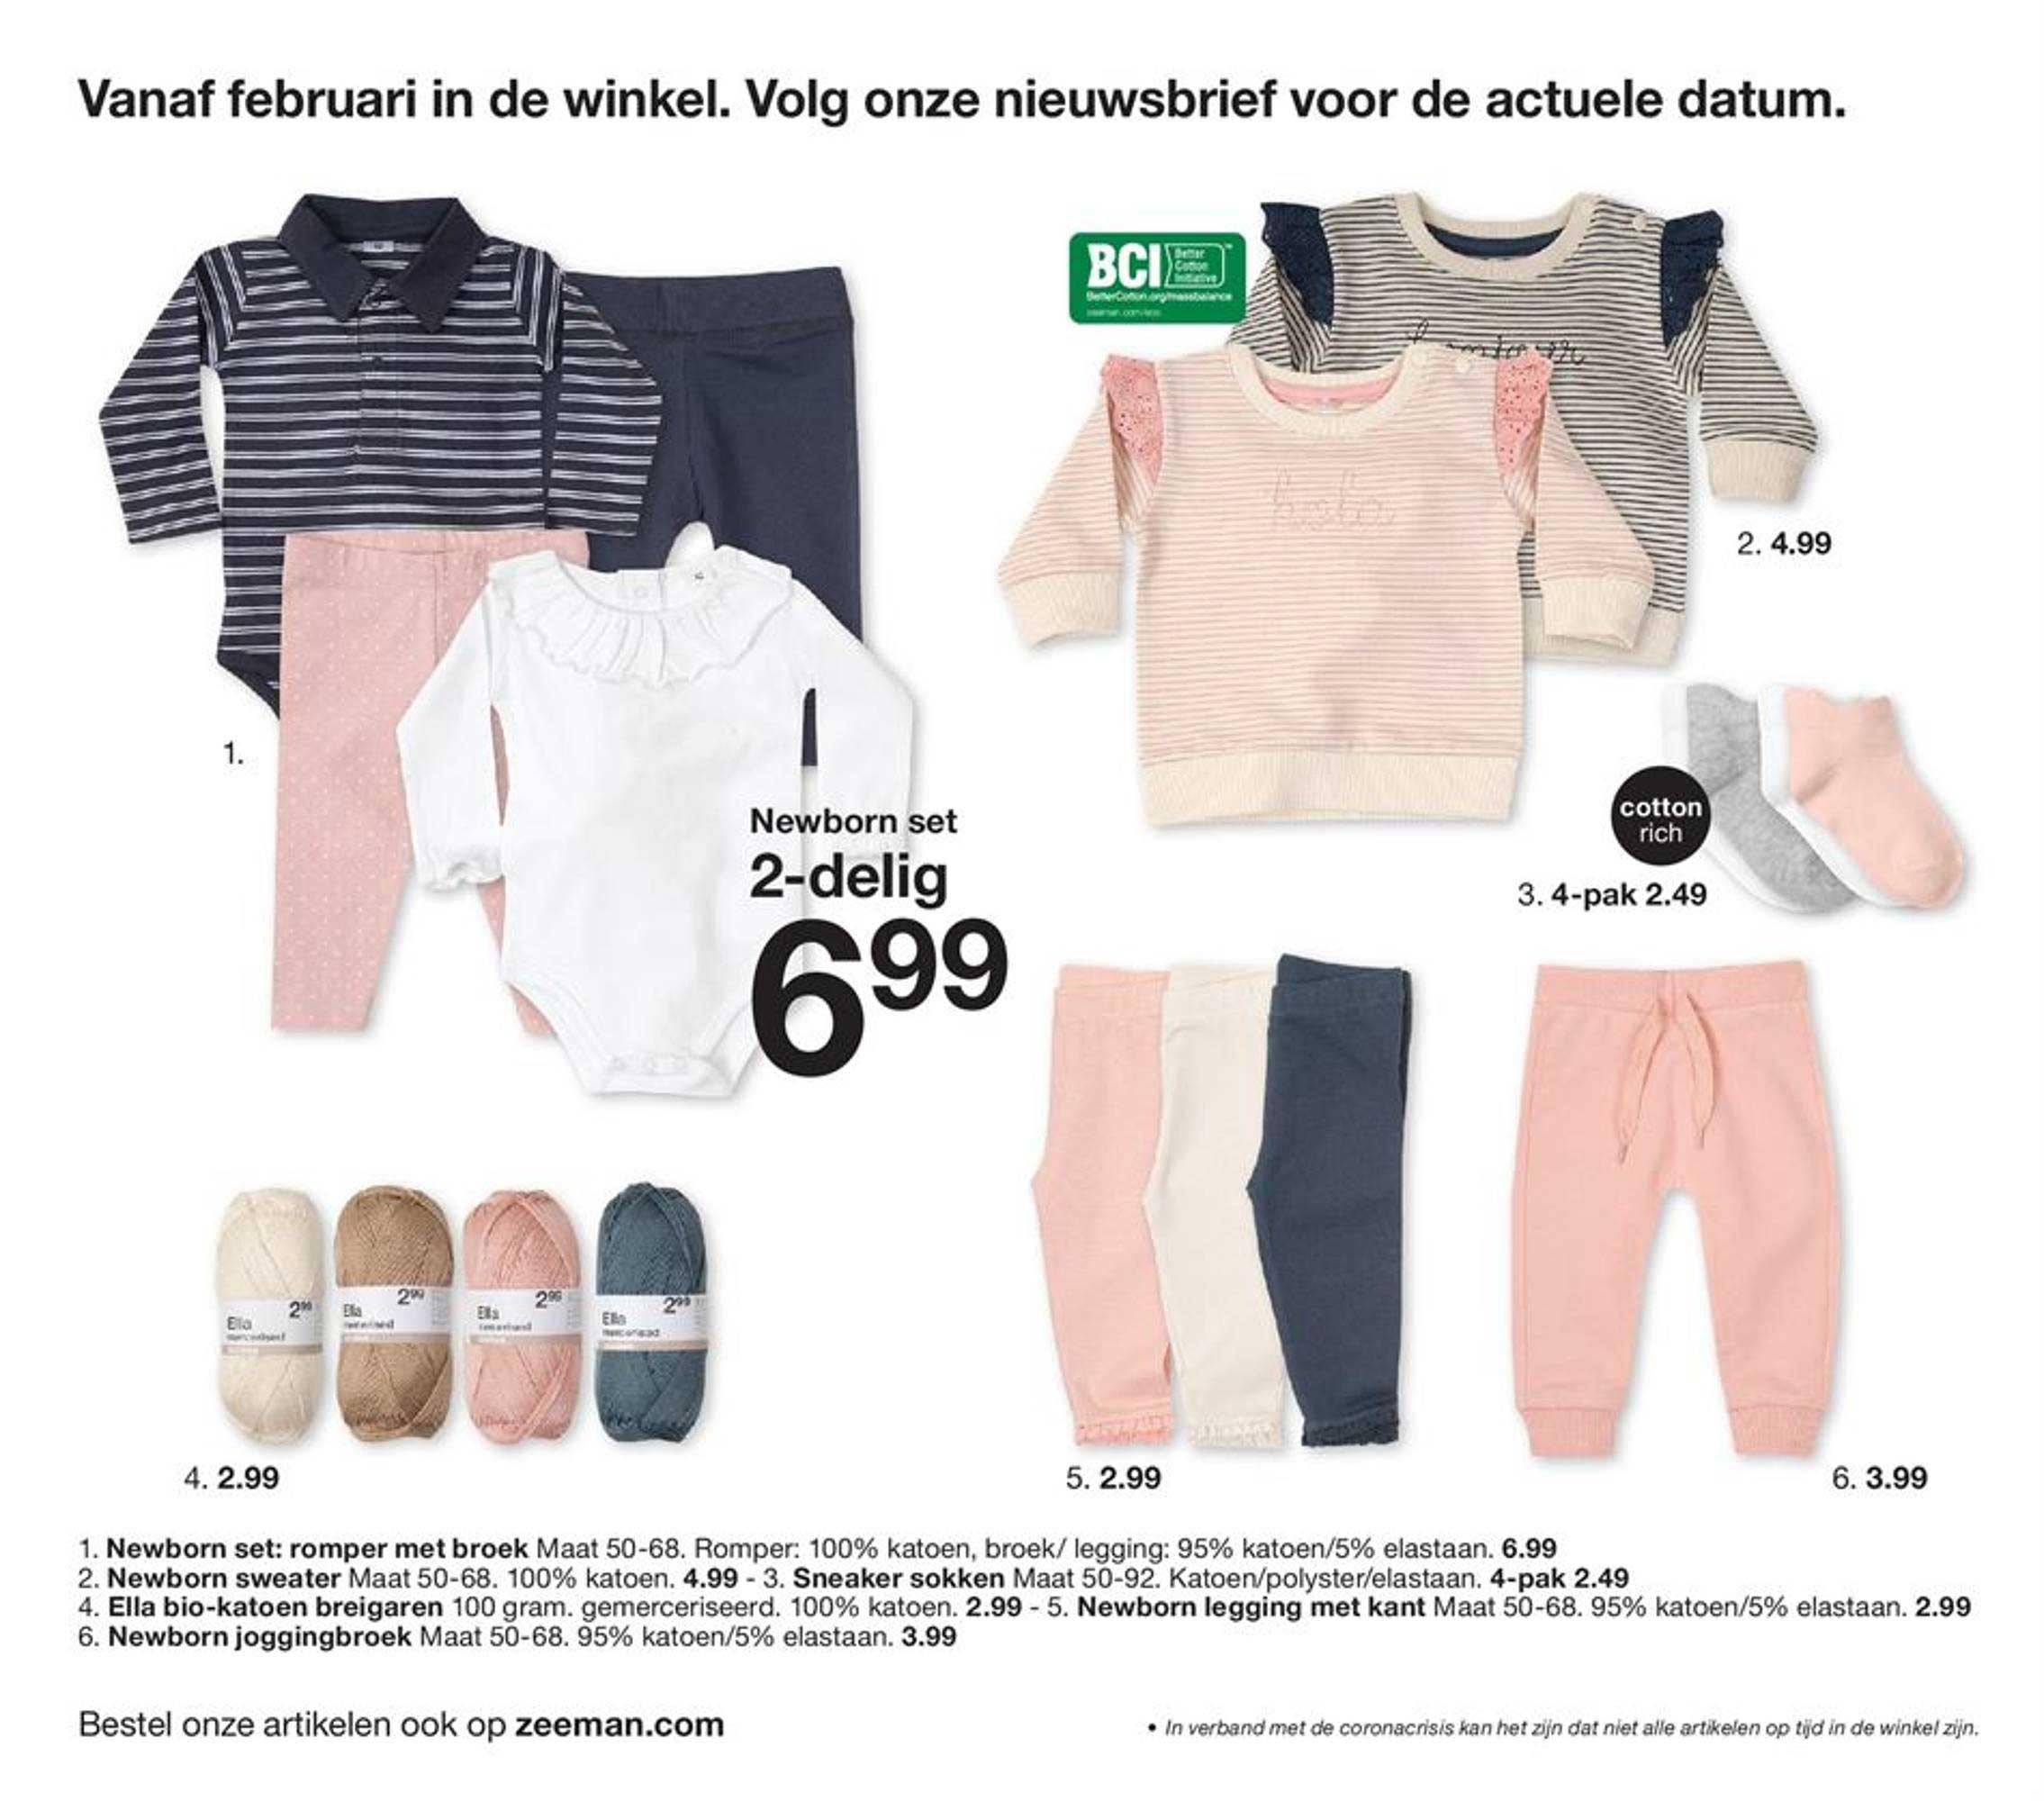 Zeeman Romper Met Broek, Newborn Sweater, Sneaker Sokken, Ella Bio-katoen Breigaren, Newborn Legging Met Kant, Newborn Joggingbroek